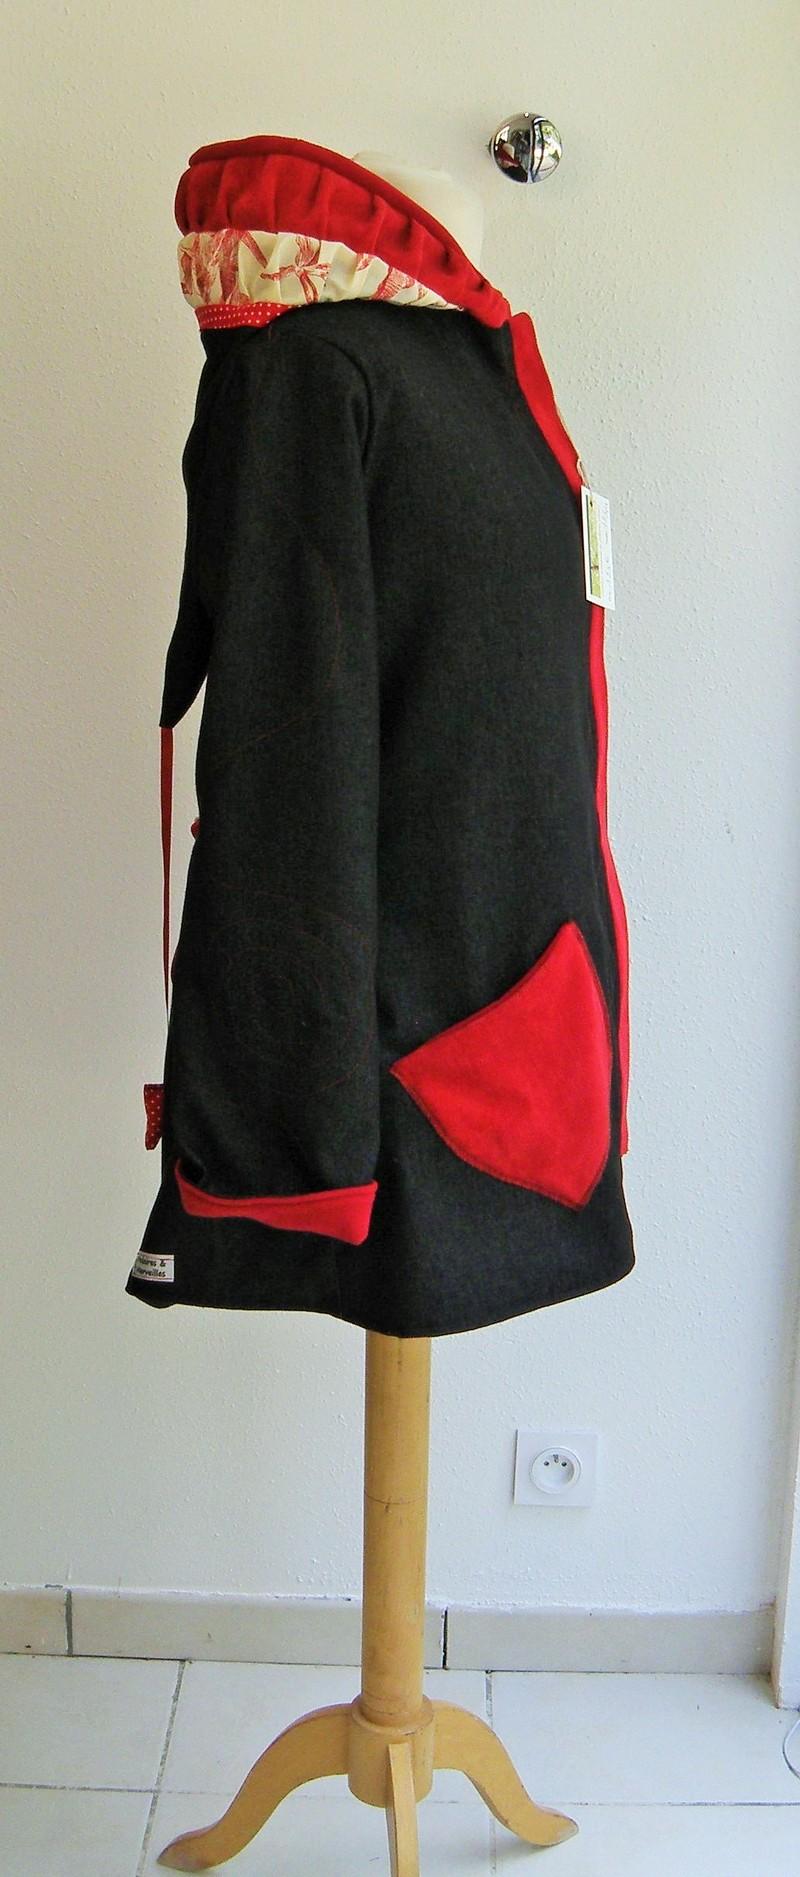 Veste lutin en jean noir doublée micro rouge + coton ecru/rouge T40-5173